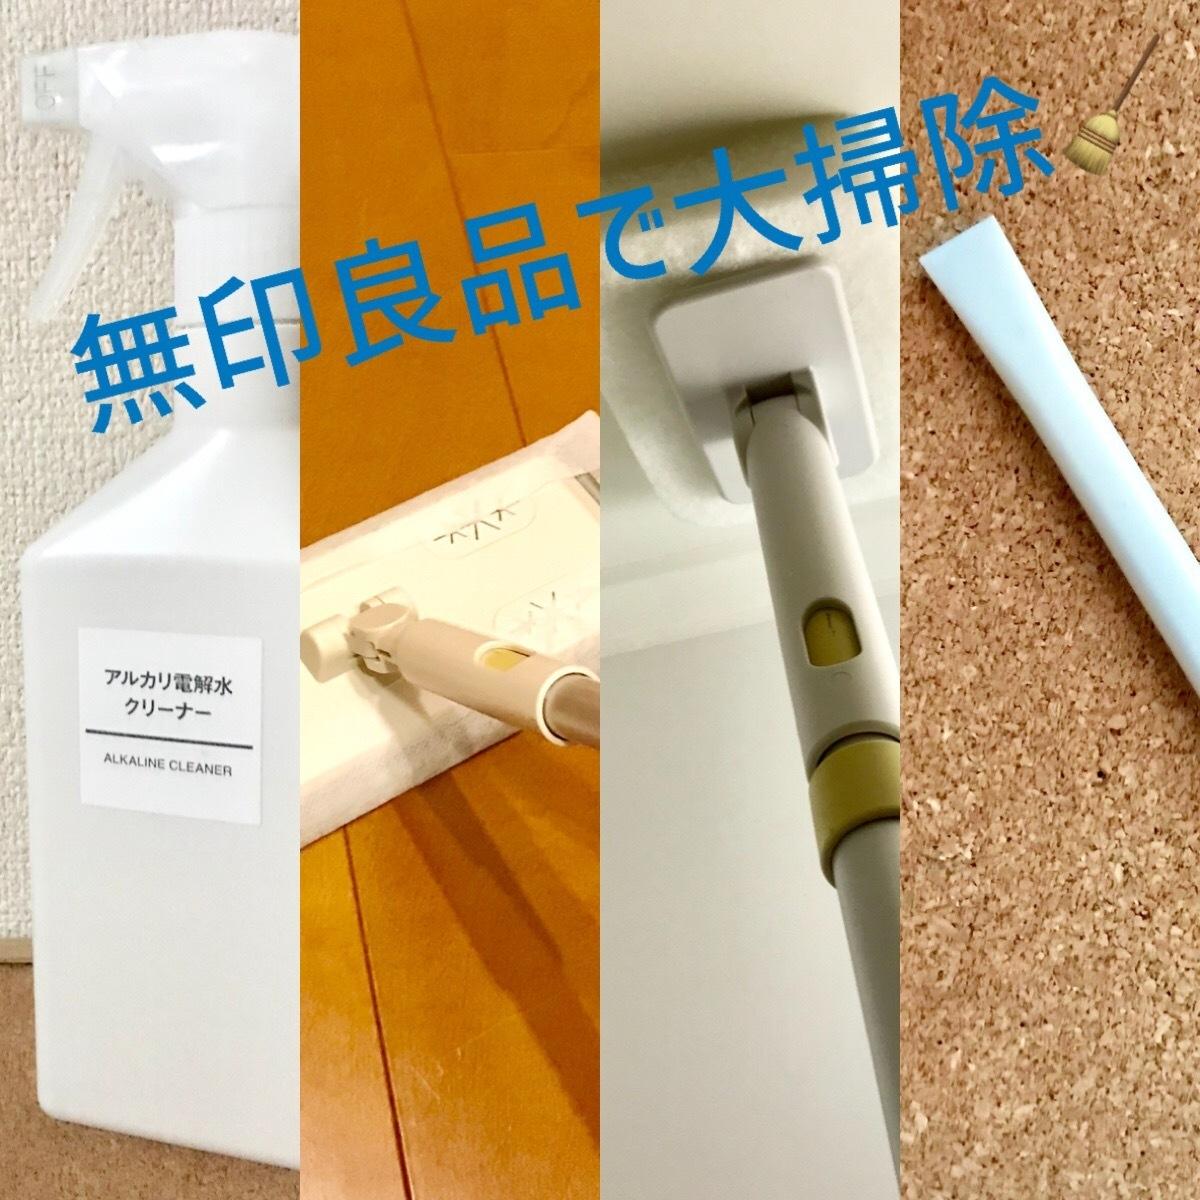 【無印良品】お掃除アイテムで普段のお掃除を簡単に&効率アップ!